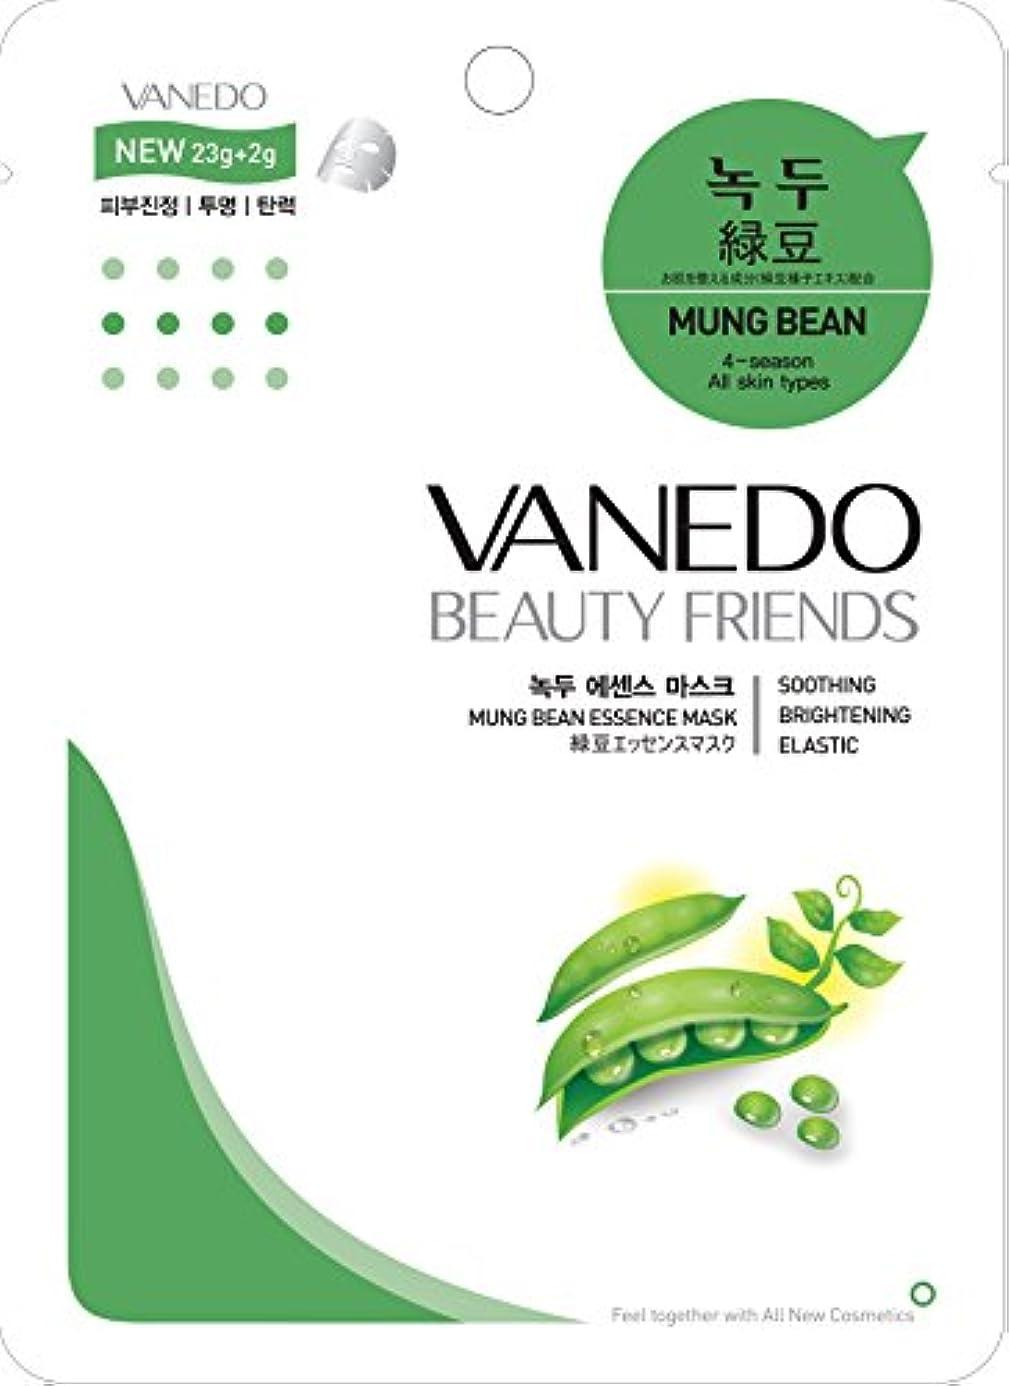 予言する縮れた八百屋さん【VANEDO】バネド シートマスク 緑豆 10枚セット/エッセンス/保湿/フェイスマスク/フェイスパック/マスクパック/韓国コスメ [メール便]